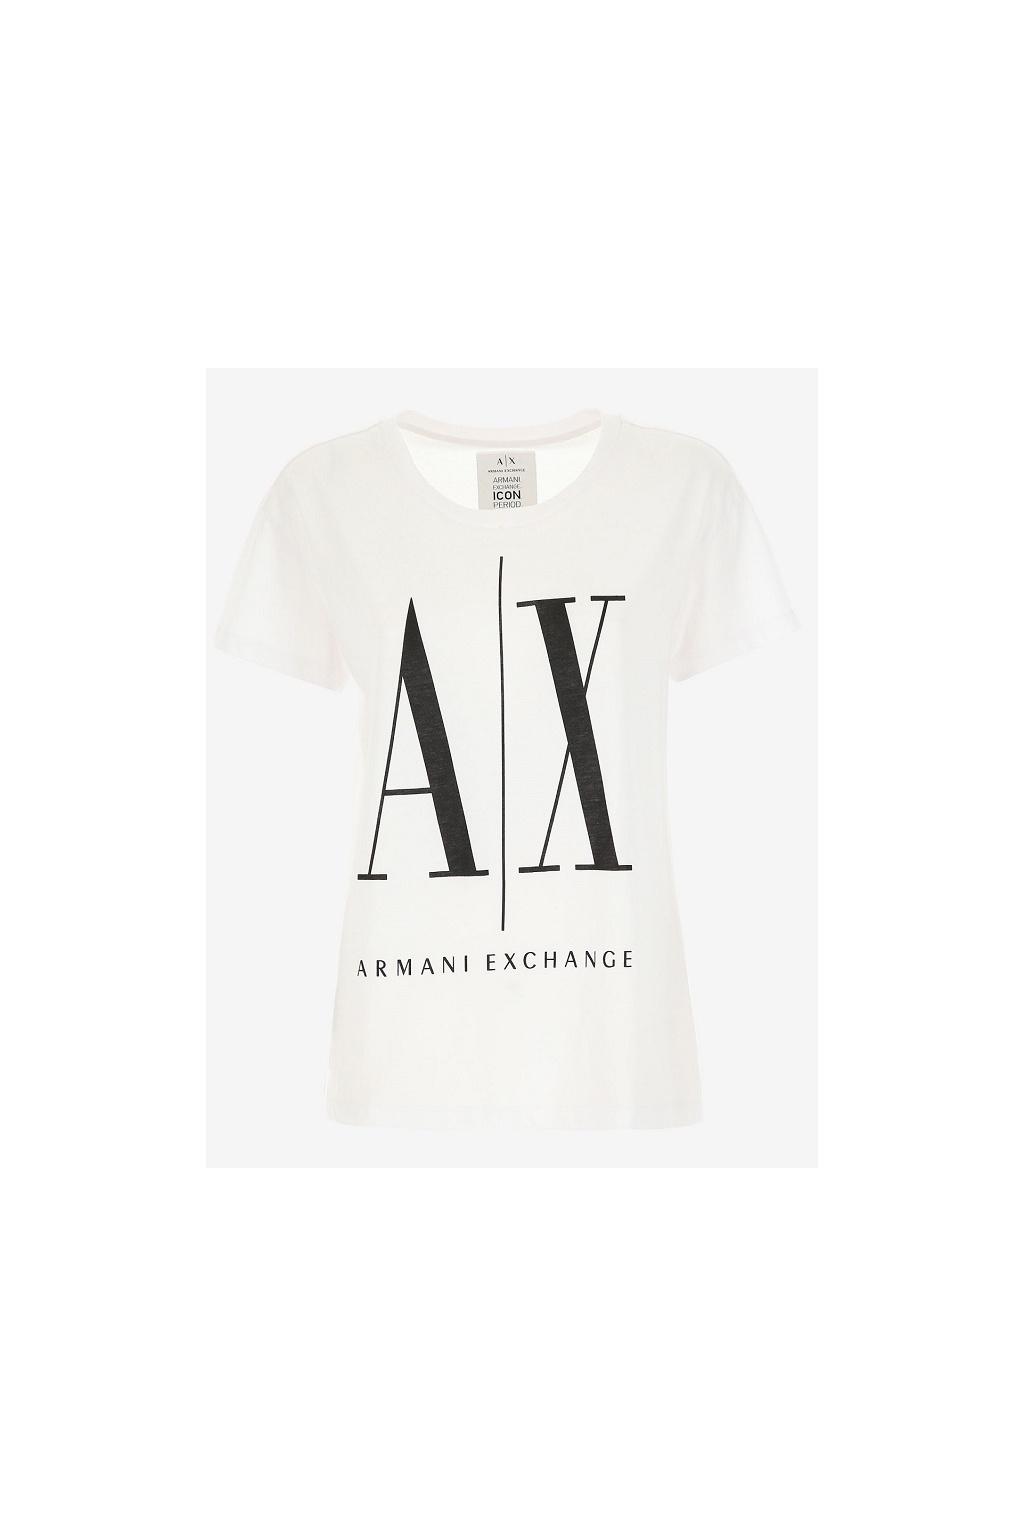 8NYTCX YJG3Z Dámské tričko Armani Exchange bílé